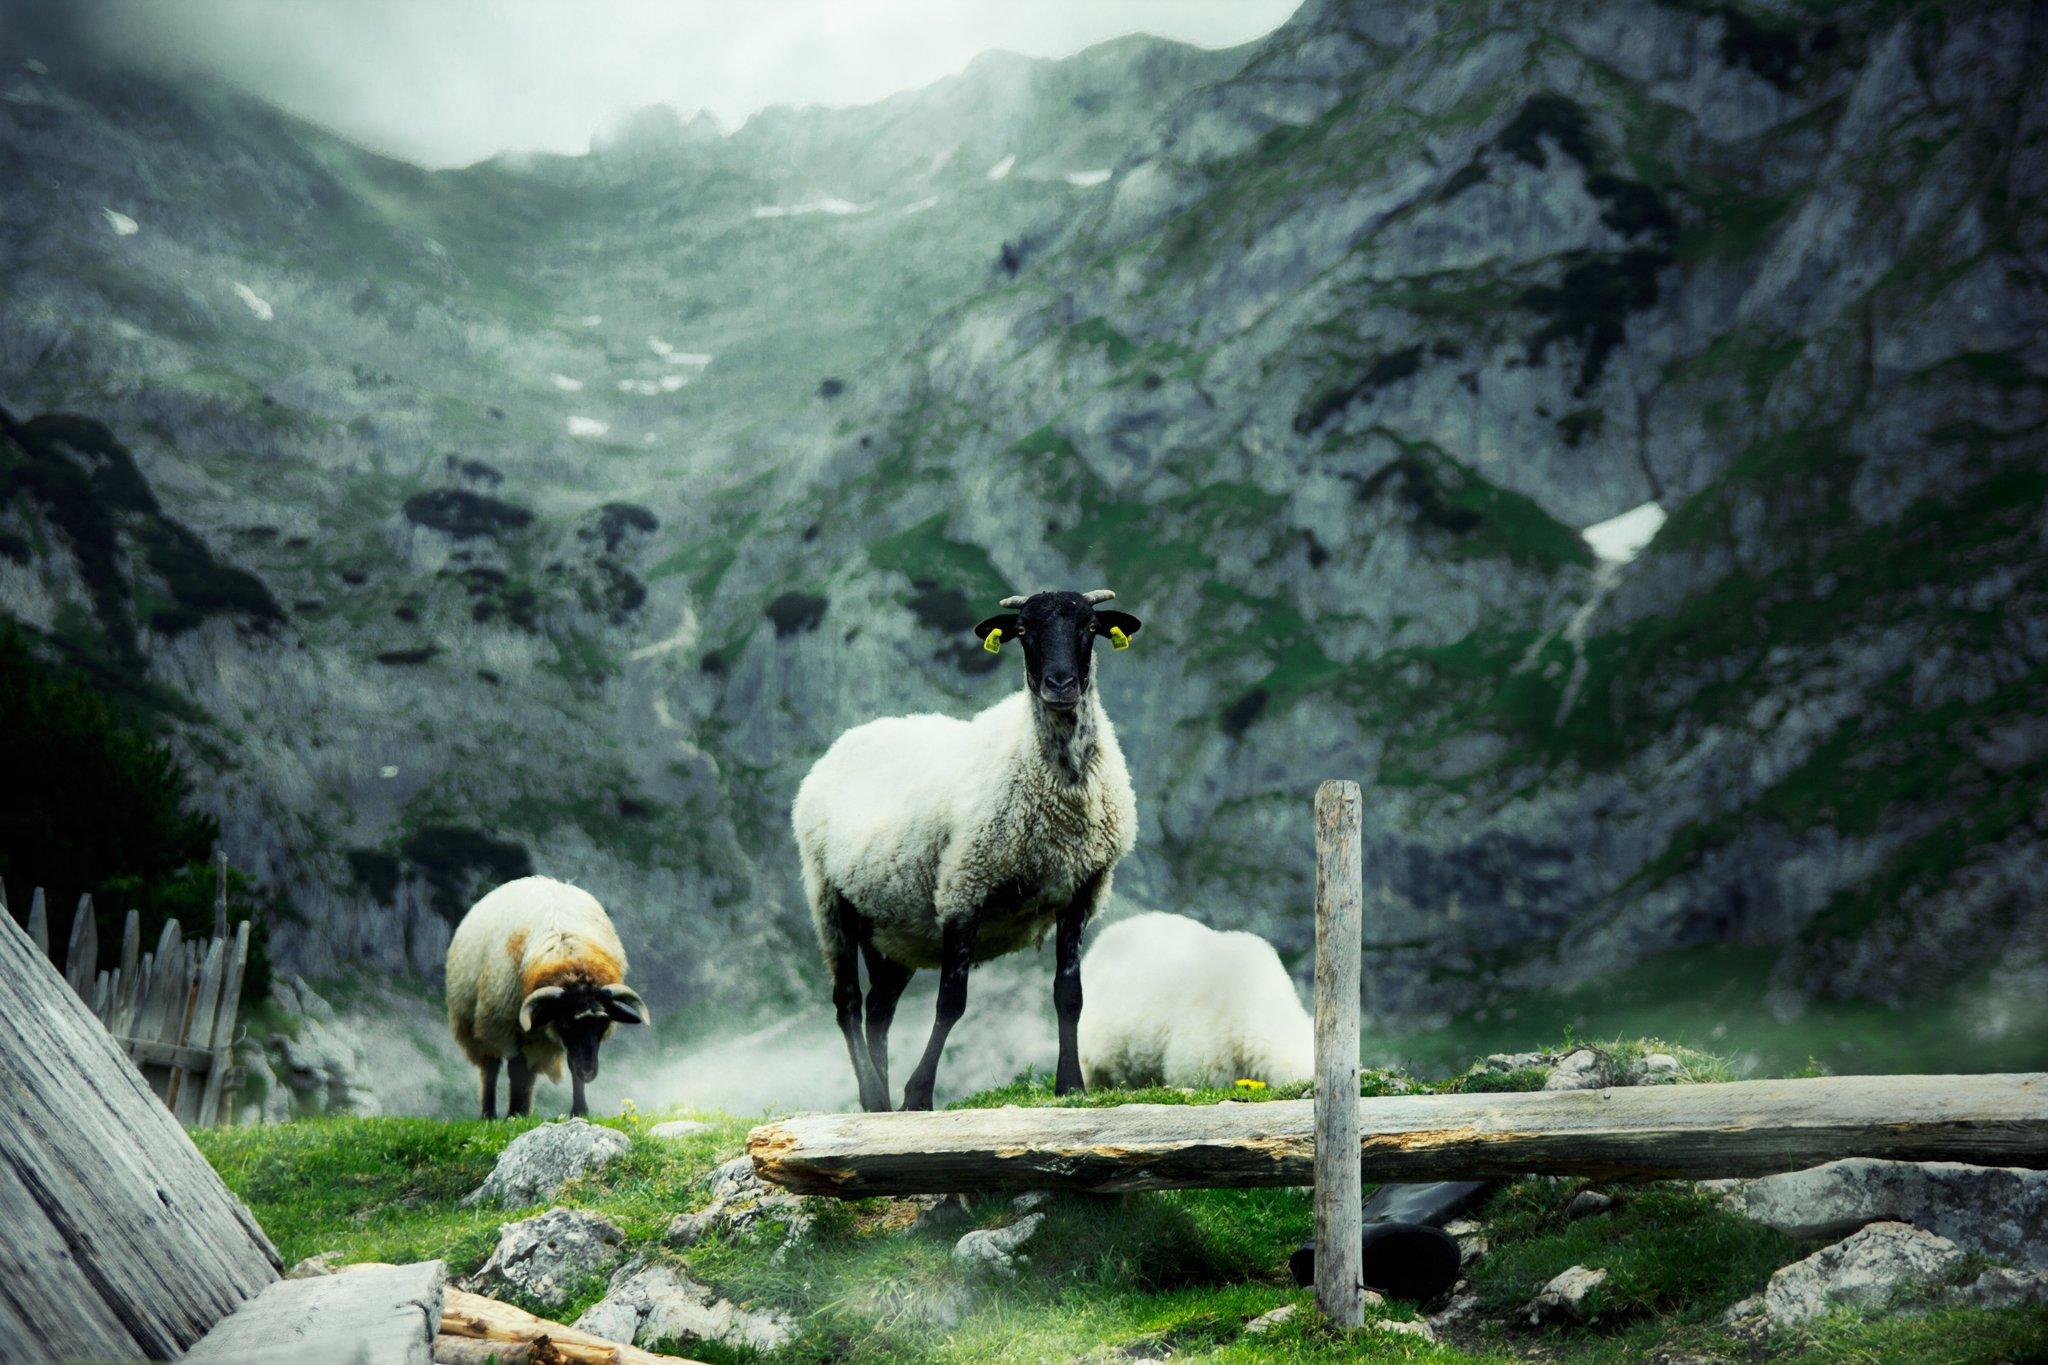 montenegro, durmitor, alpine, mountain, nature, domestic, grazing, sheep, wool, animal, high, clouds, summer pasture, черногория, дурмитор, альпийская, гора, природа, внутренние, выпас скот, овцы, шерсть, животное, высокие, облако, летние пастбища,, Марко Радовановић